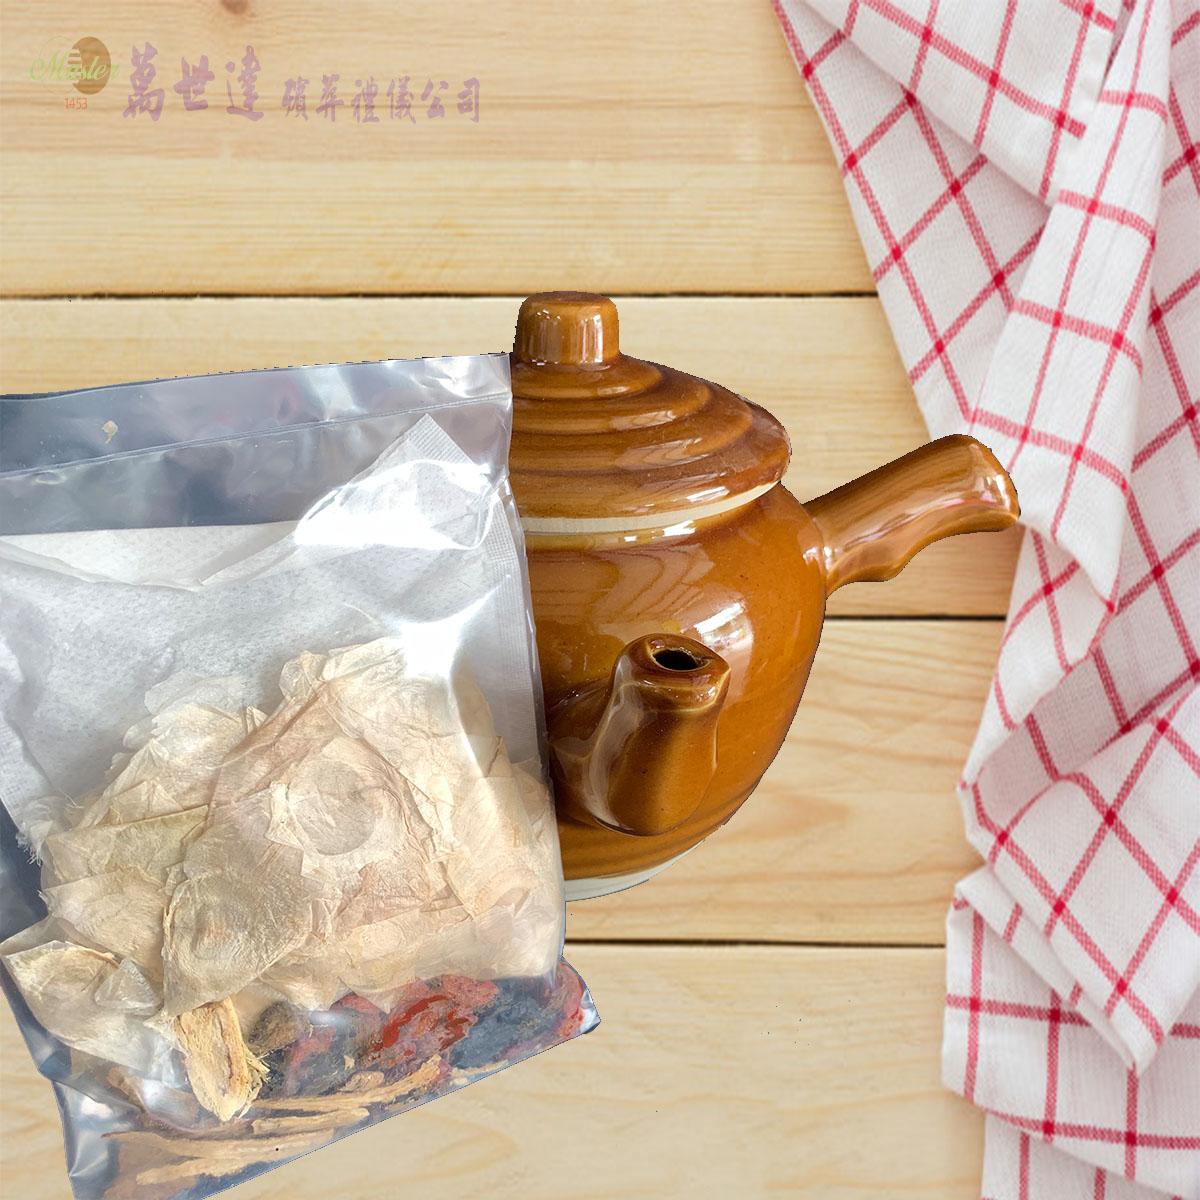 法事祭品-尾日香齋素六飯菜全組含未煮八珍湯藥壺